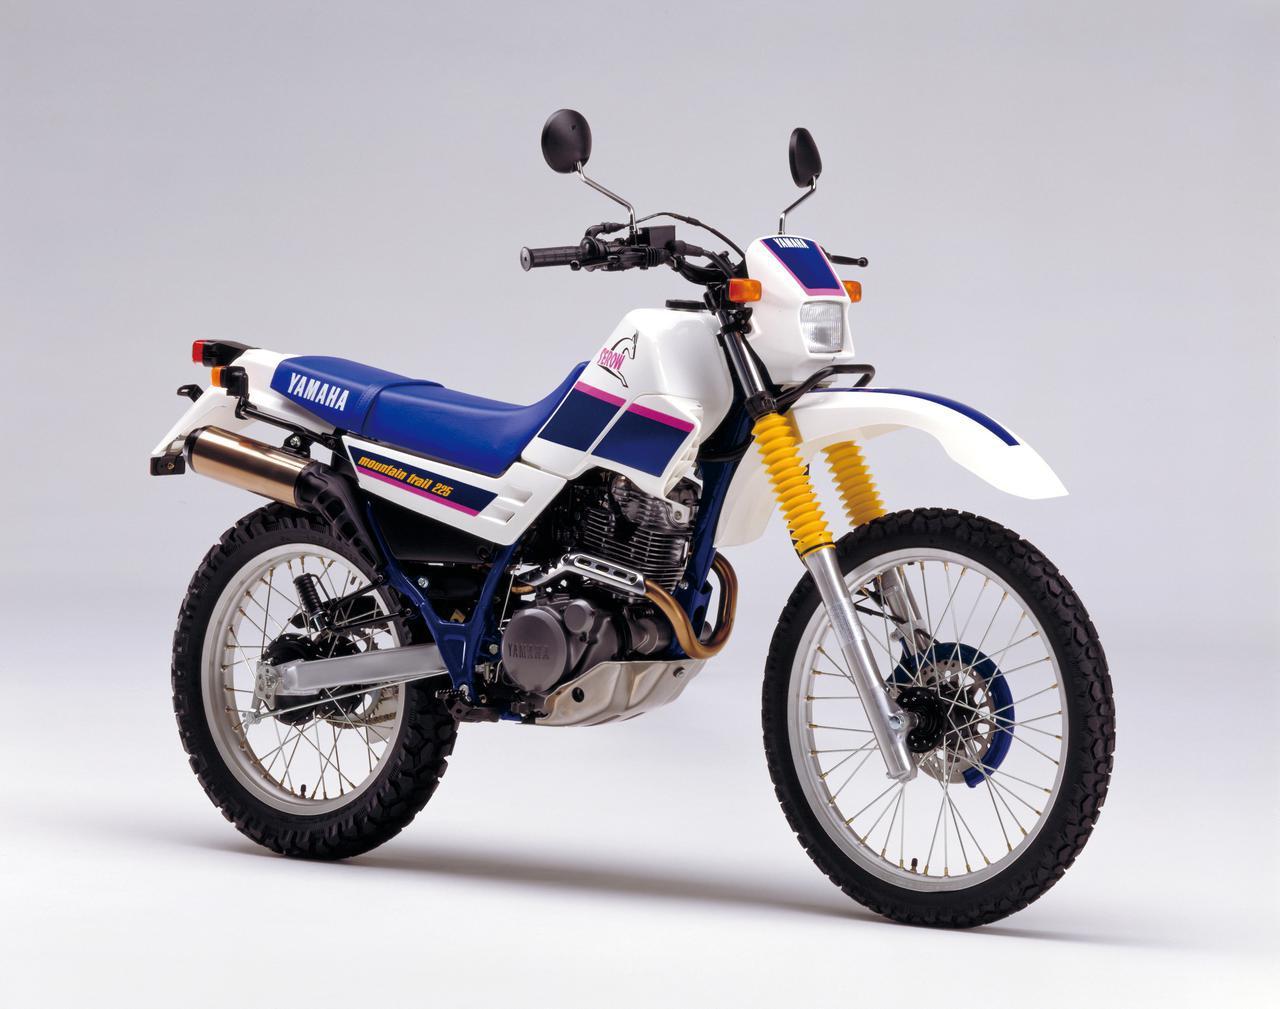 ヤマハ「セロー」の歴代モデルを振り返る!「225」から「250」になったのはいつ? 初代はキックスターターのみだった?